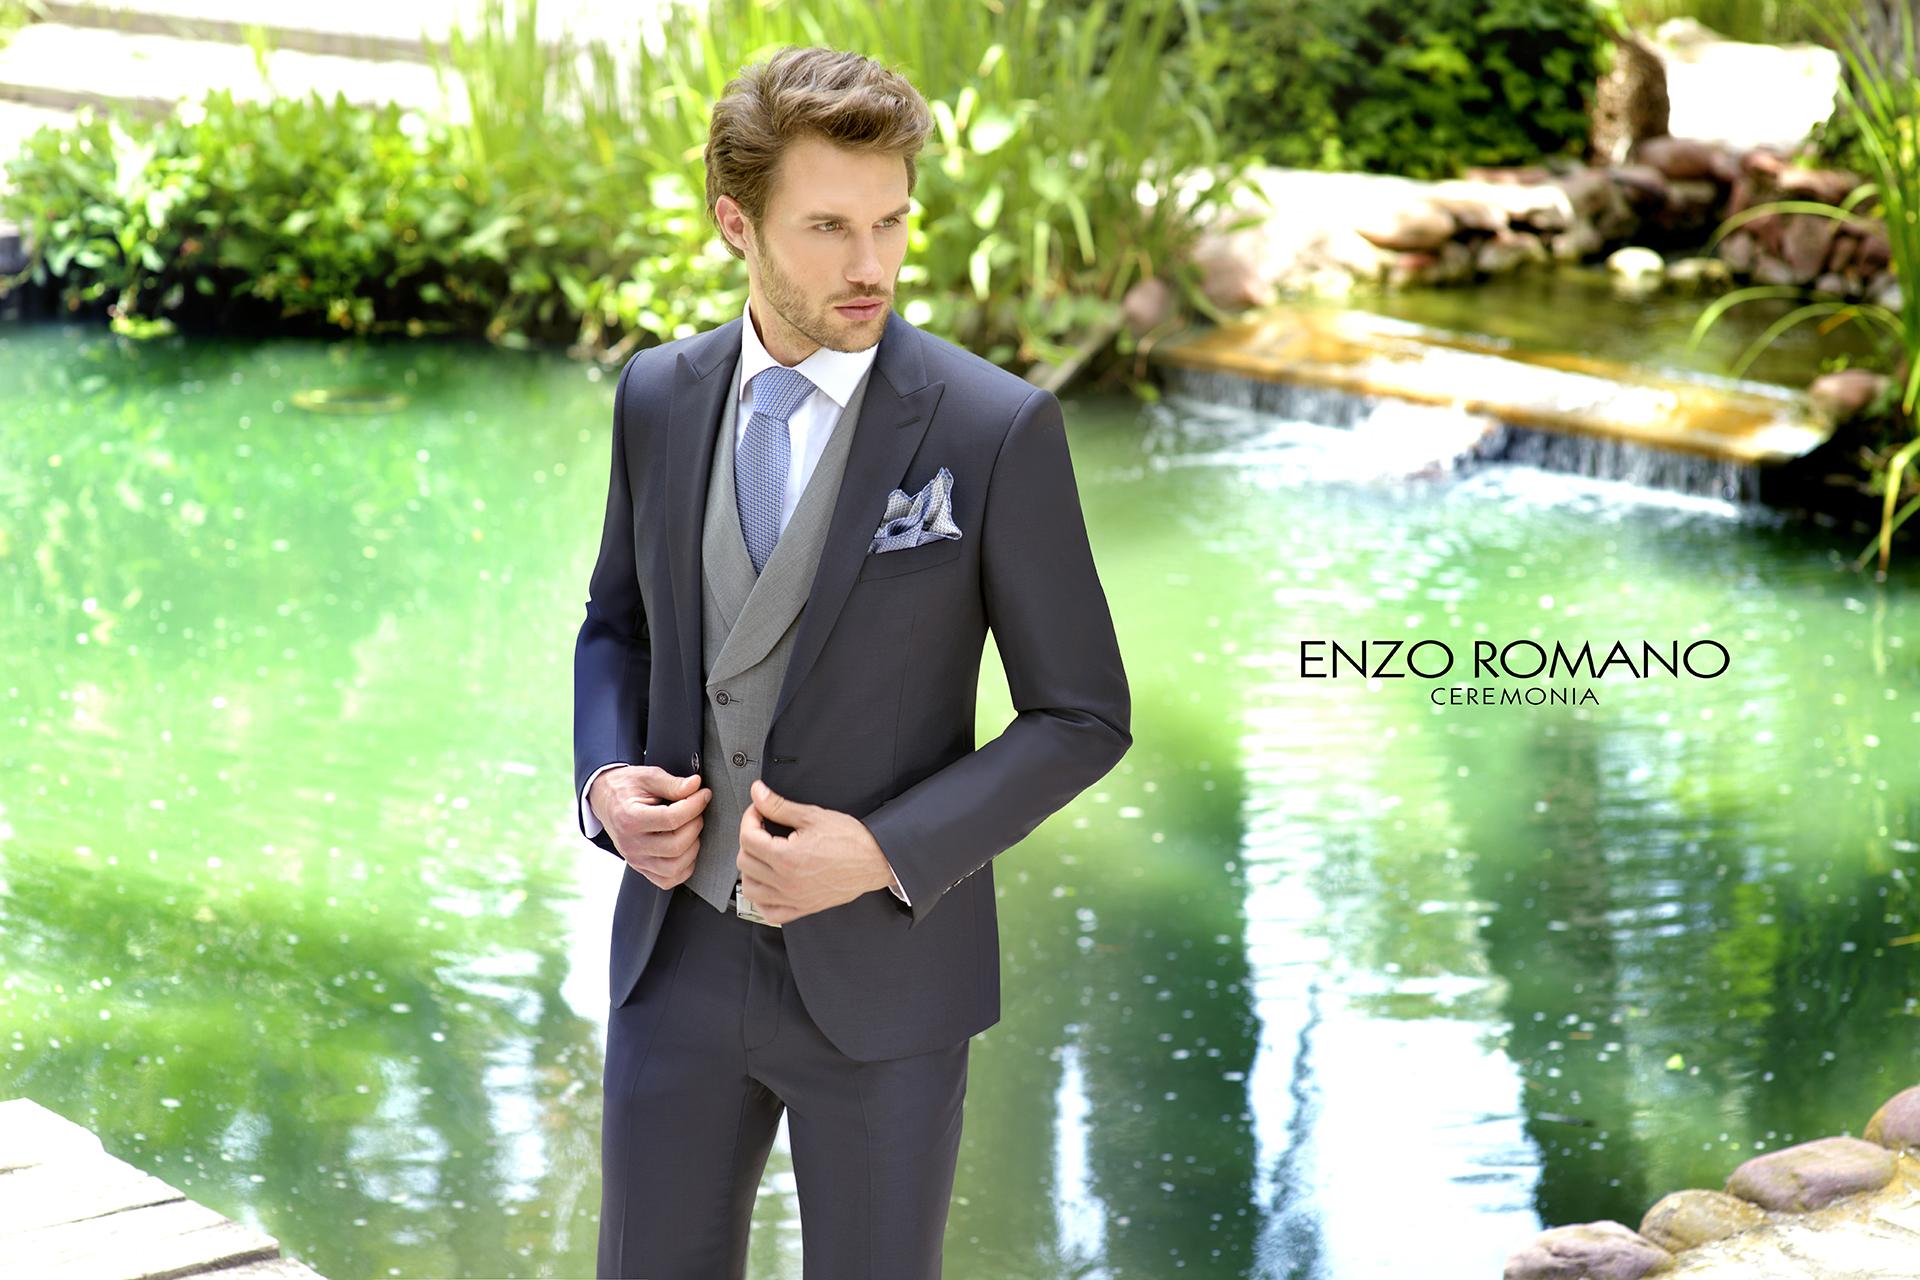 Enzo_romano_10